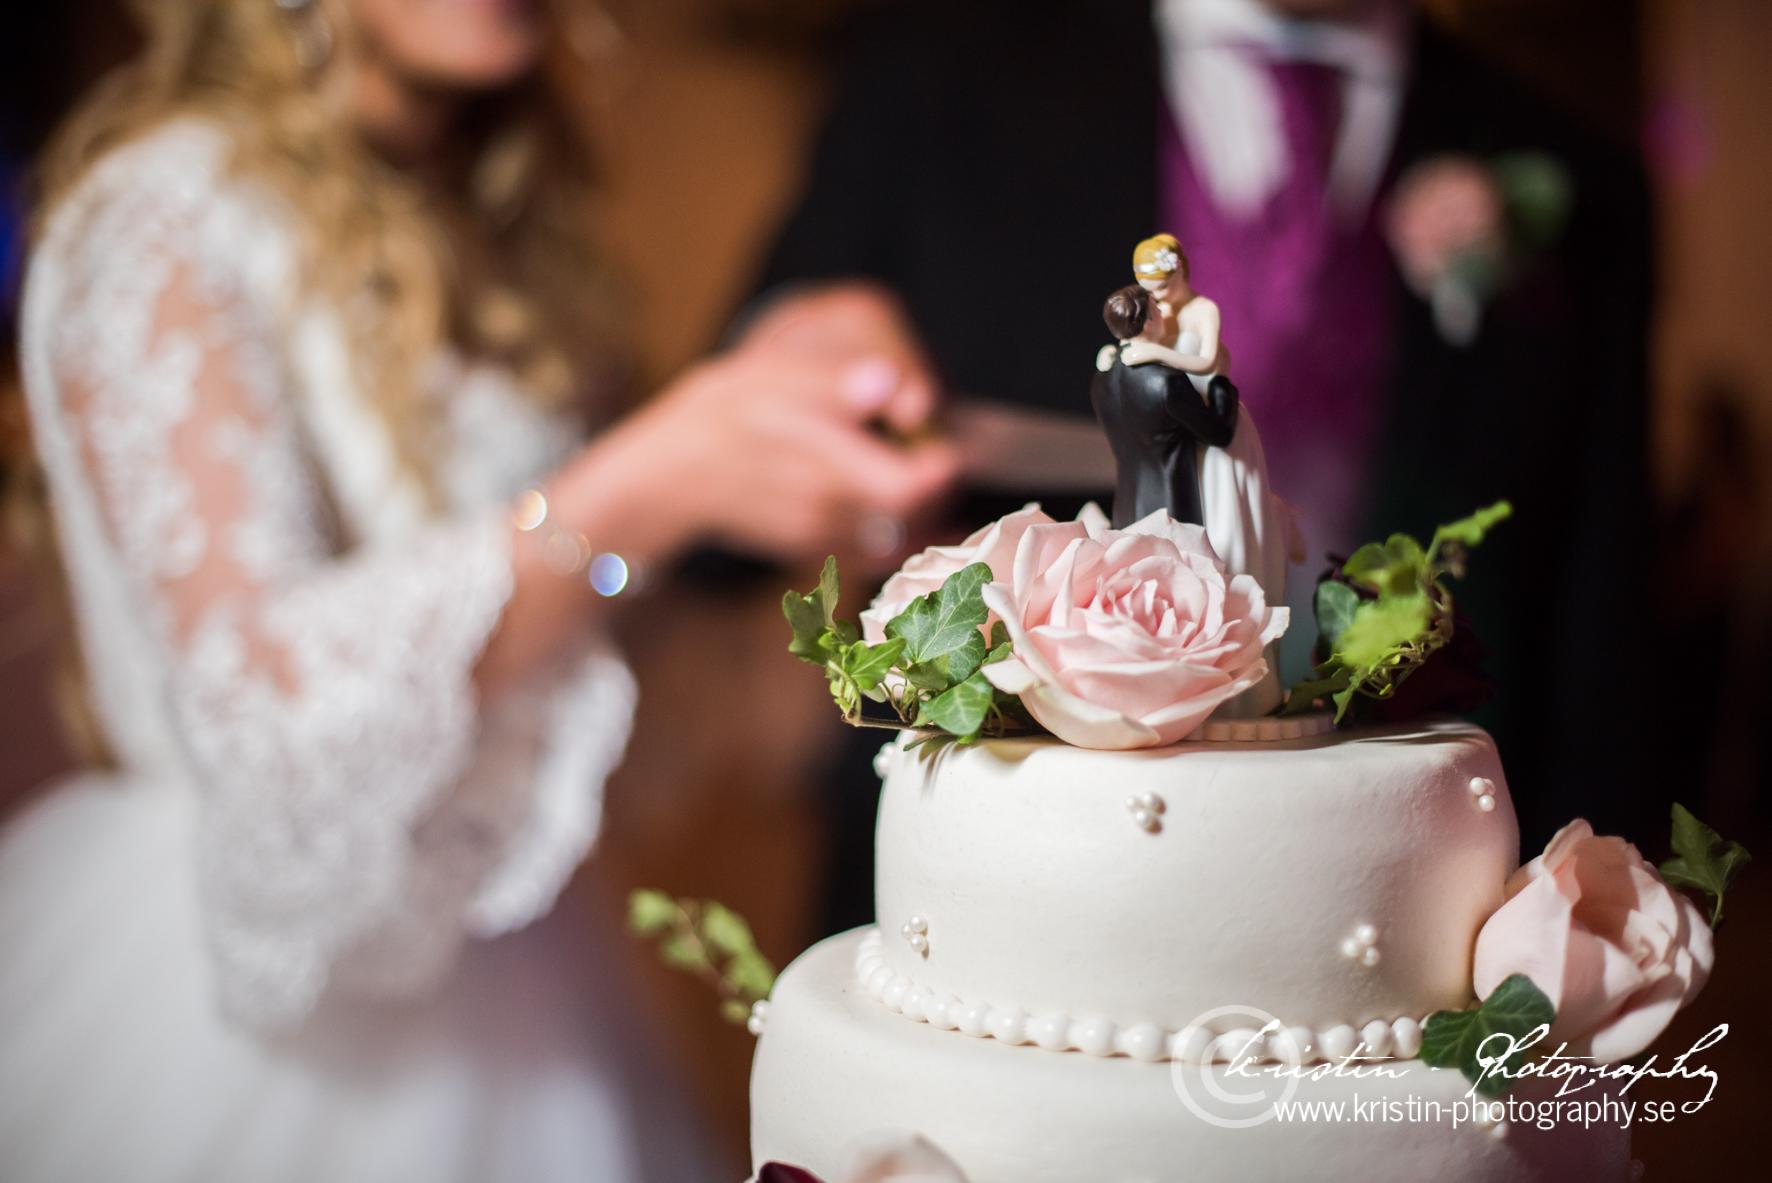 Bröllopsfotograf i Eskilstuna, Kristin - Photography-455.jpg